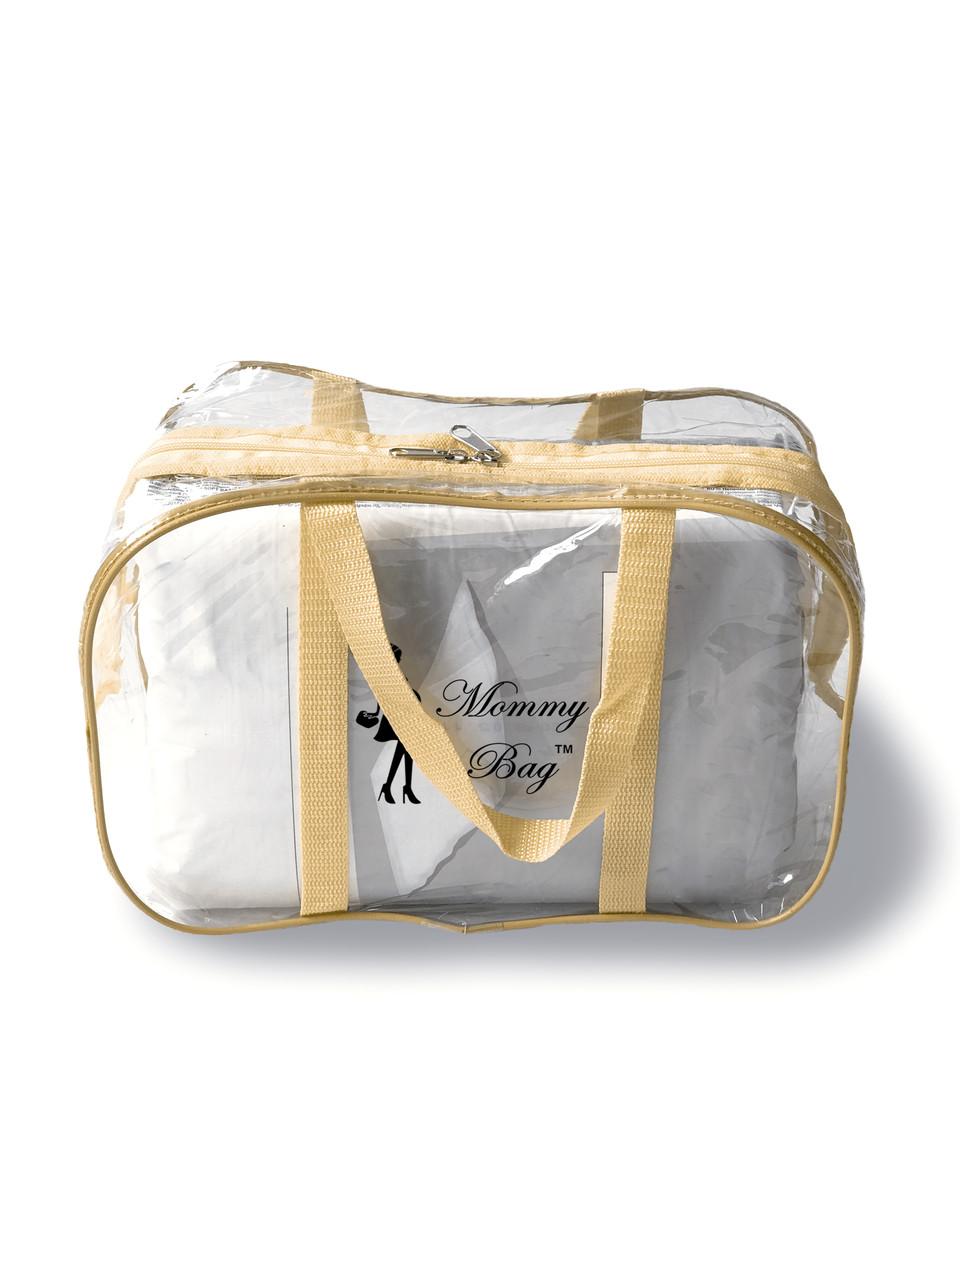 Сумка прозрачная в роддом Mommy Bag - S - 31*21*14 см Бежевая